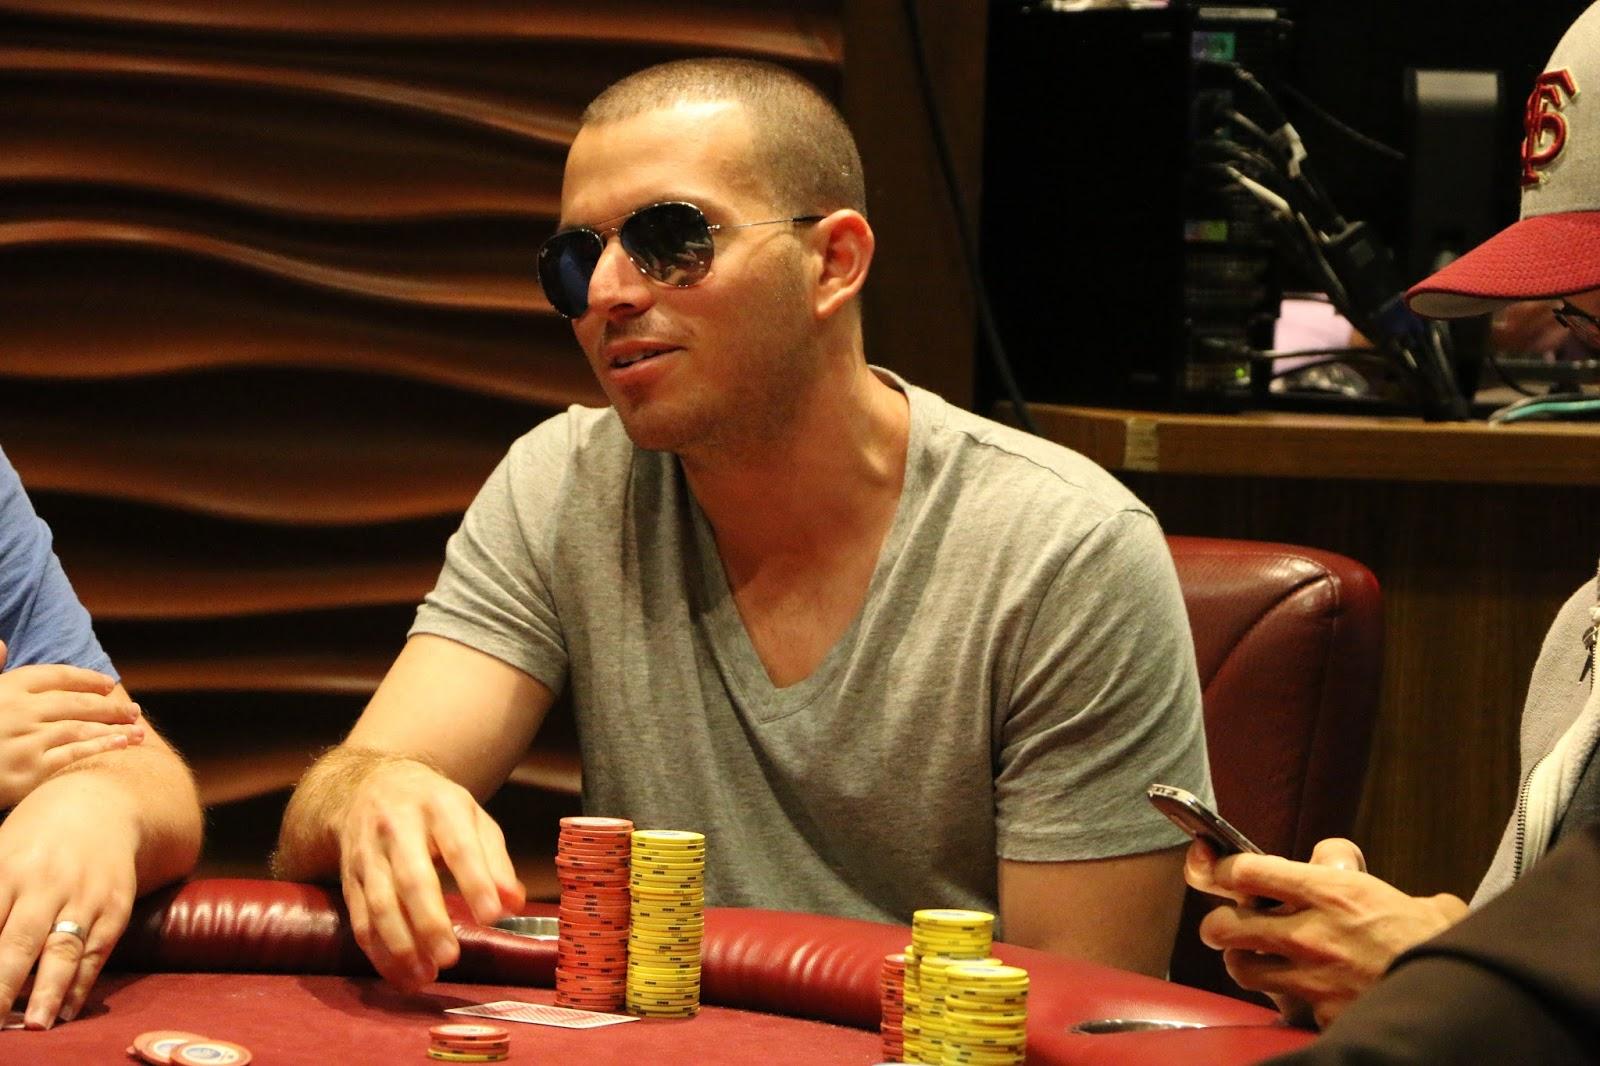 Покер казино адлер игральные автоматы вегас казино